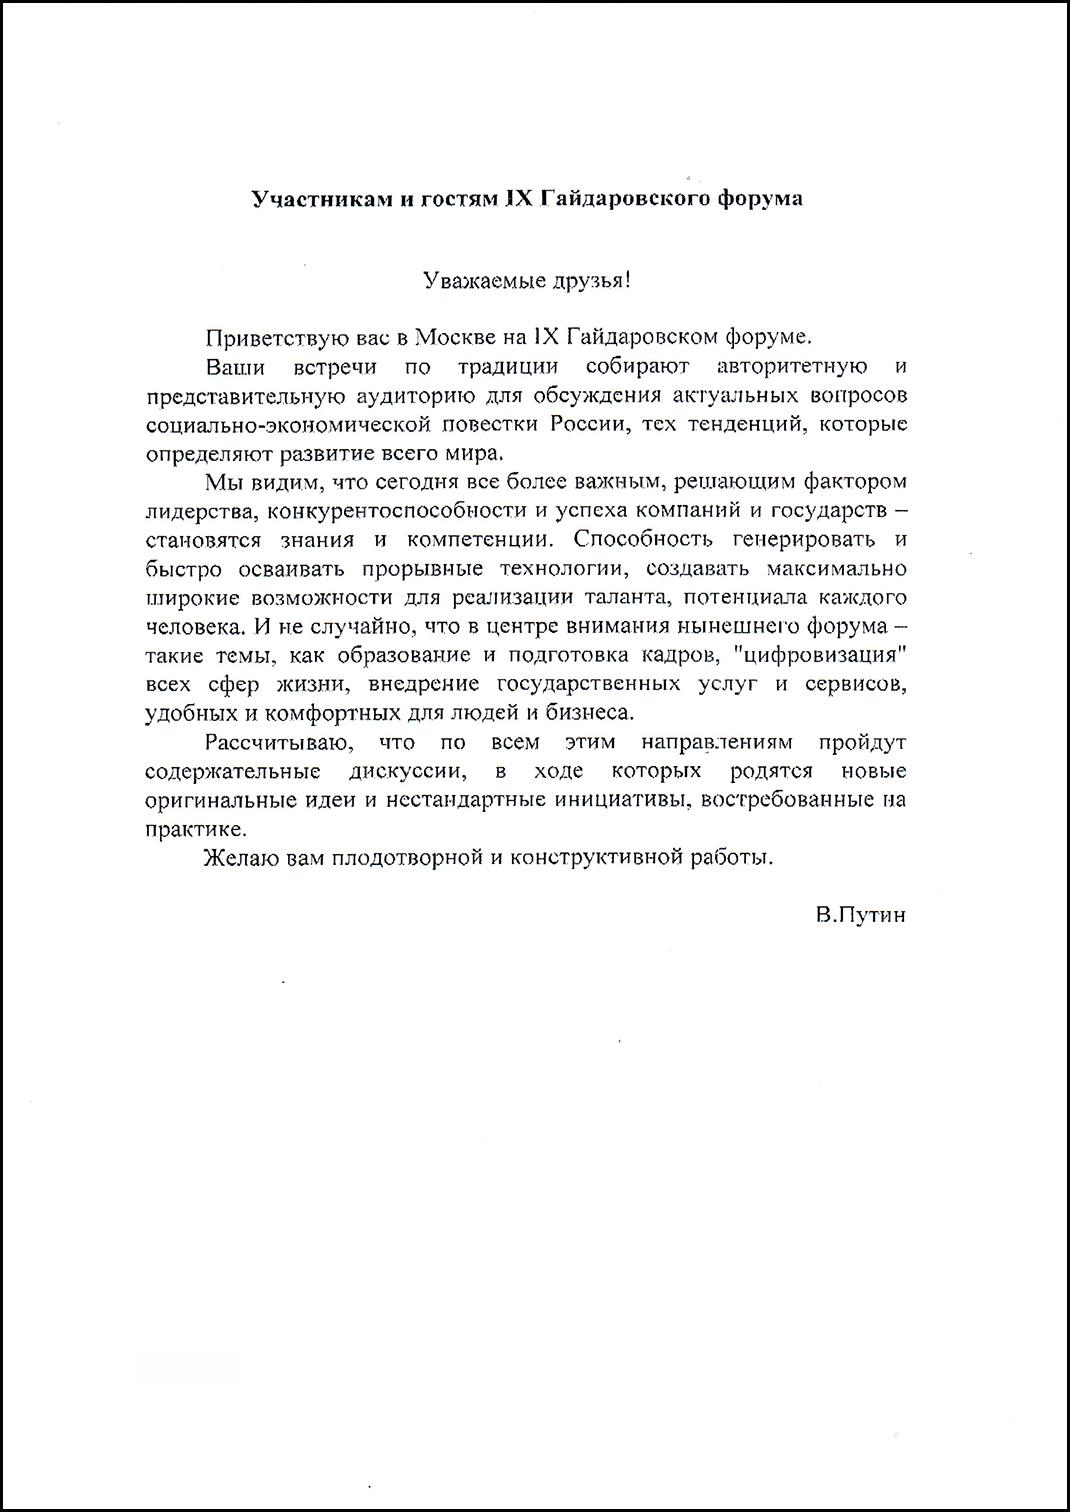 Приветствие Владимира Путина гостям и участникам Гайдаровского форума – 2018